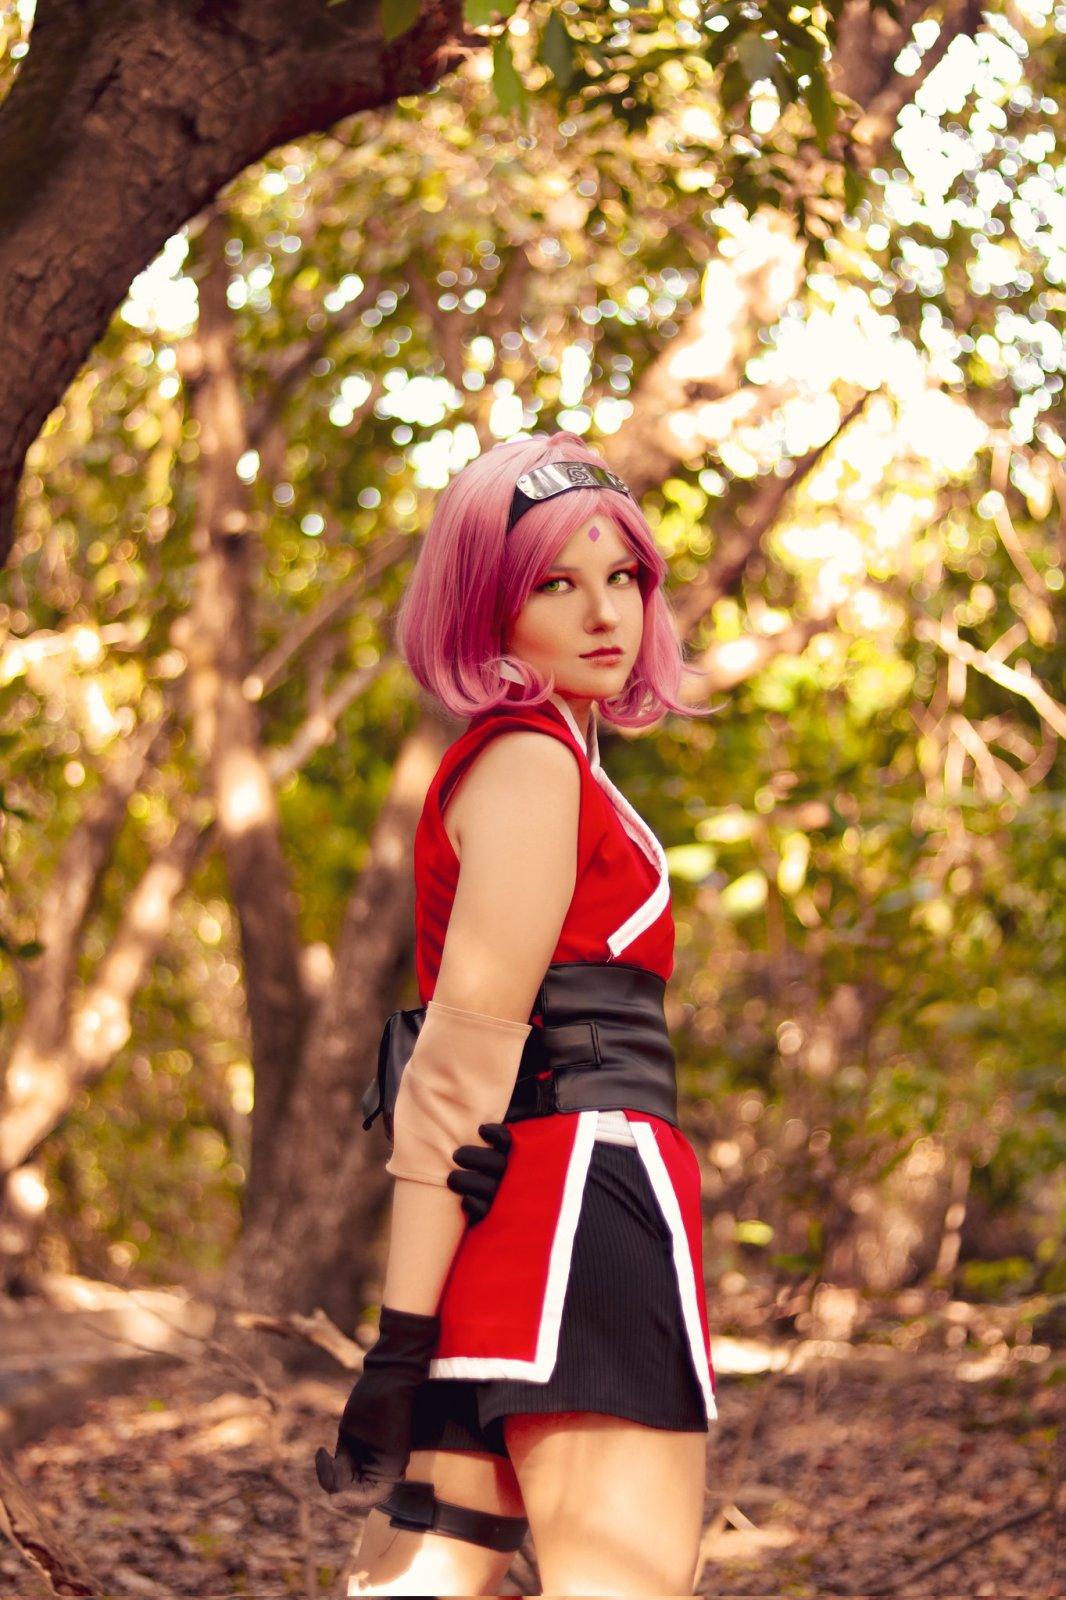 Sakura Haruno Cosplay - Naruto - Yuzarus 02